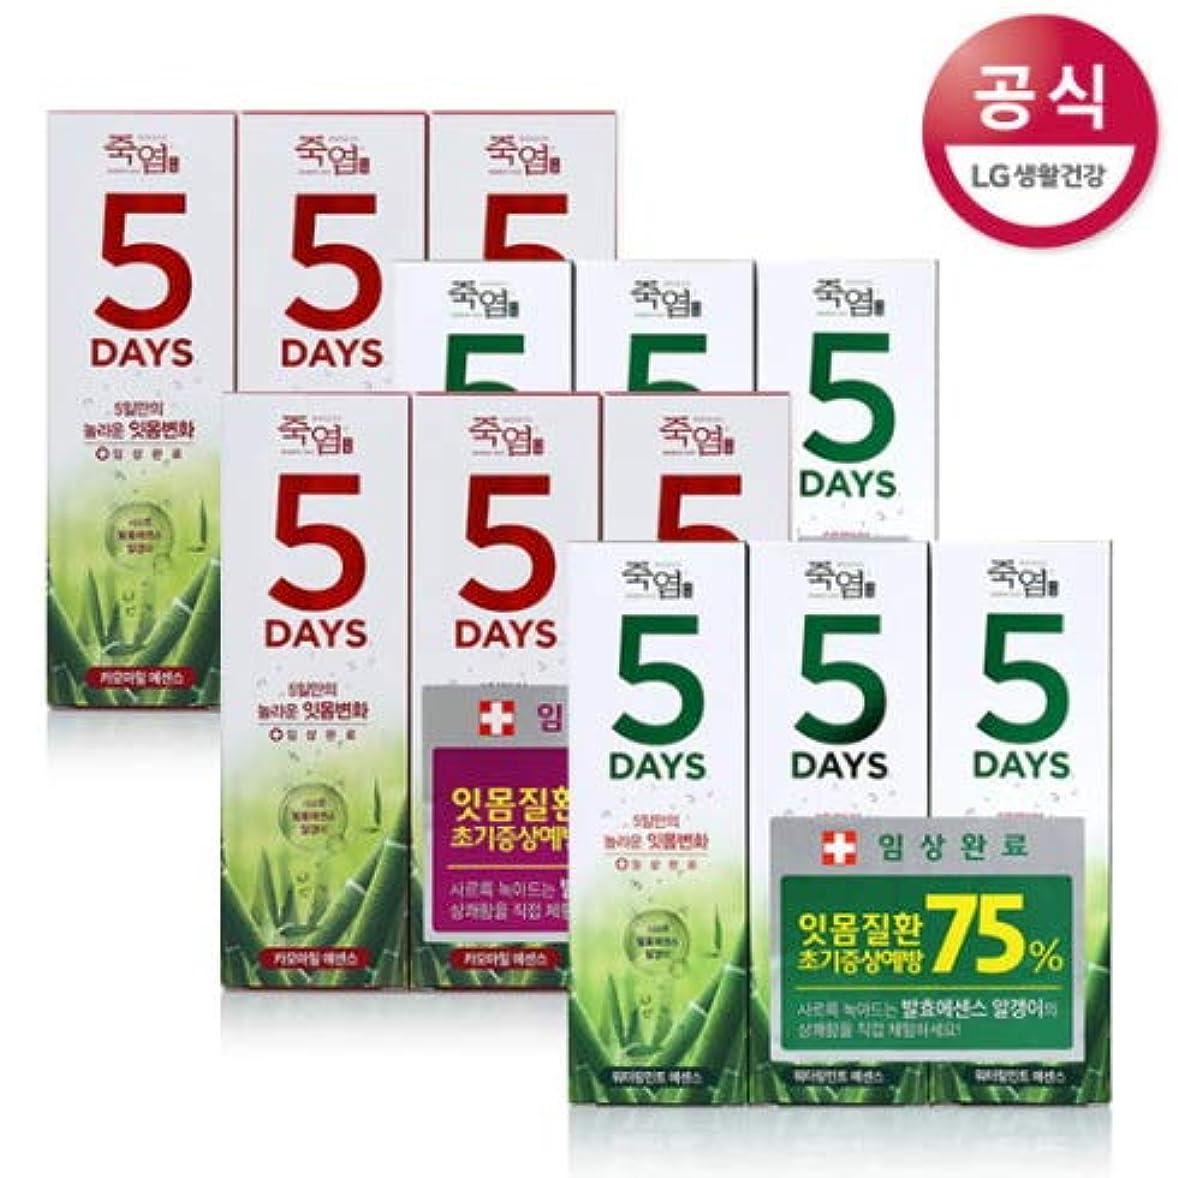 クリーム春スペード[LG HnB] Bamboo Salt 5days Toothpaste /竹塩5days歯磨き粉 100gx12個(海外直送品)